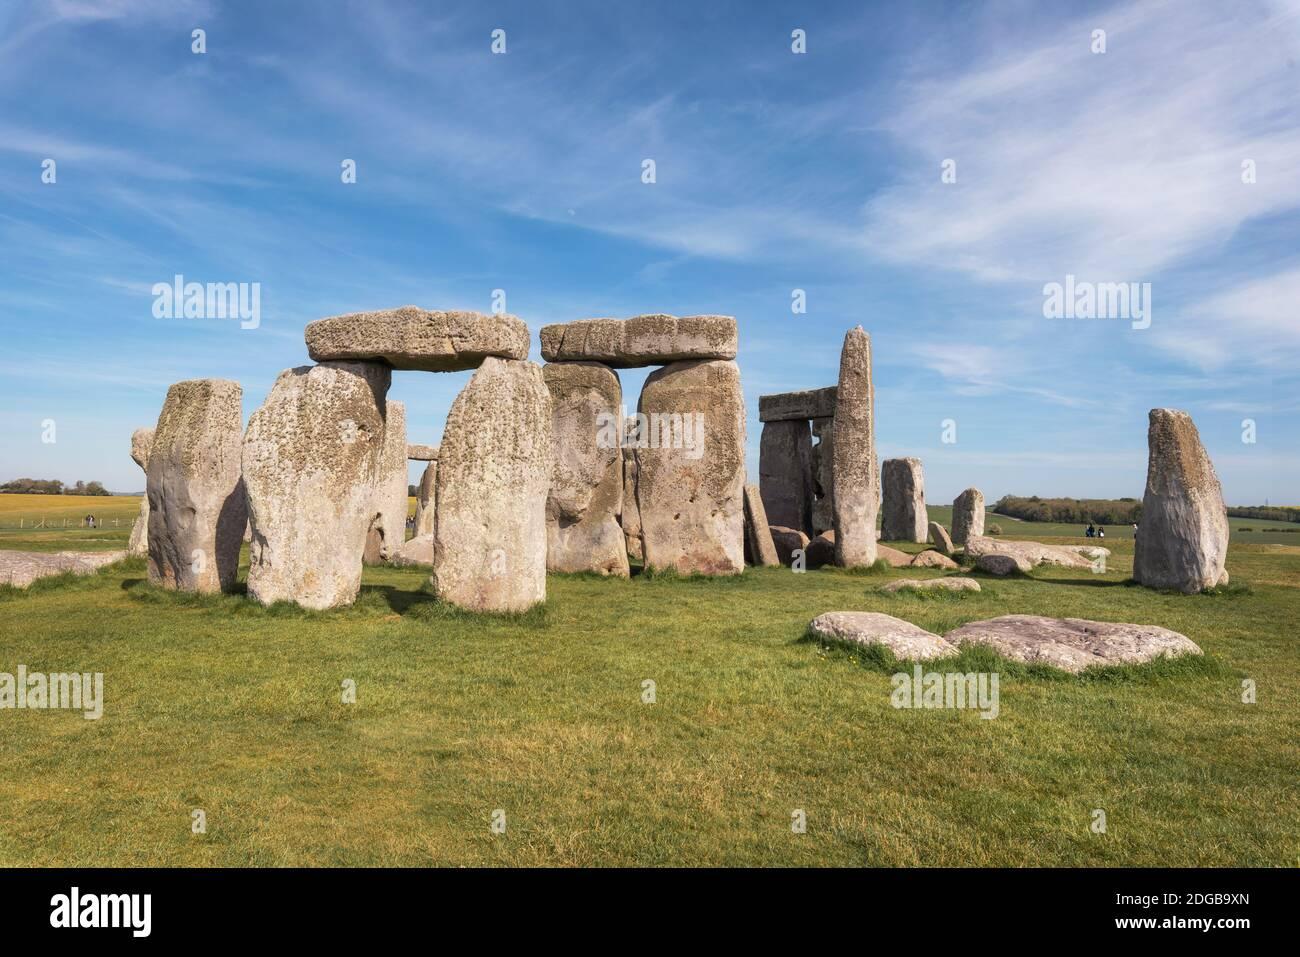 Stonehenge un ancien monument en pierre préhistorique près de Salisbury, Royaume-Uni, site classé au patrimoine mondial de l'UNESCO. Banque D'Images